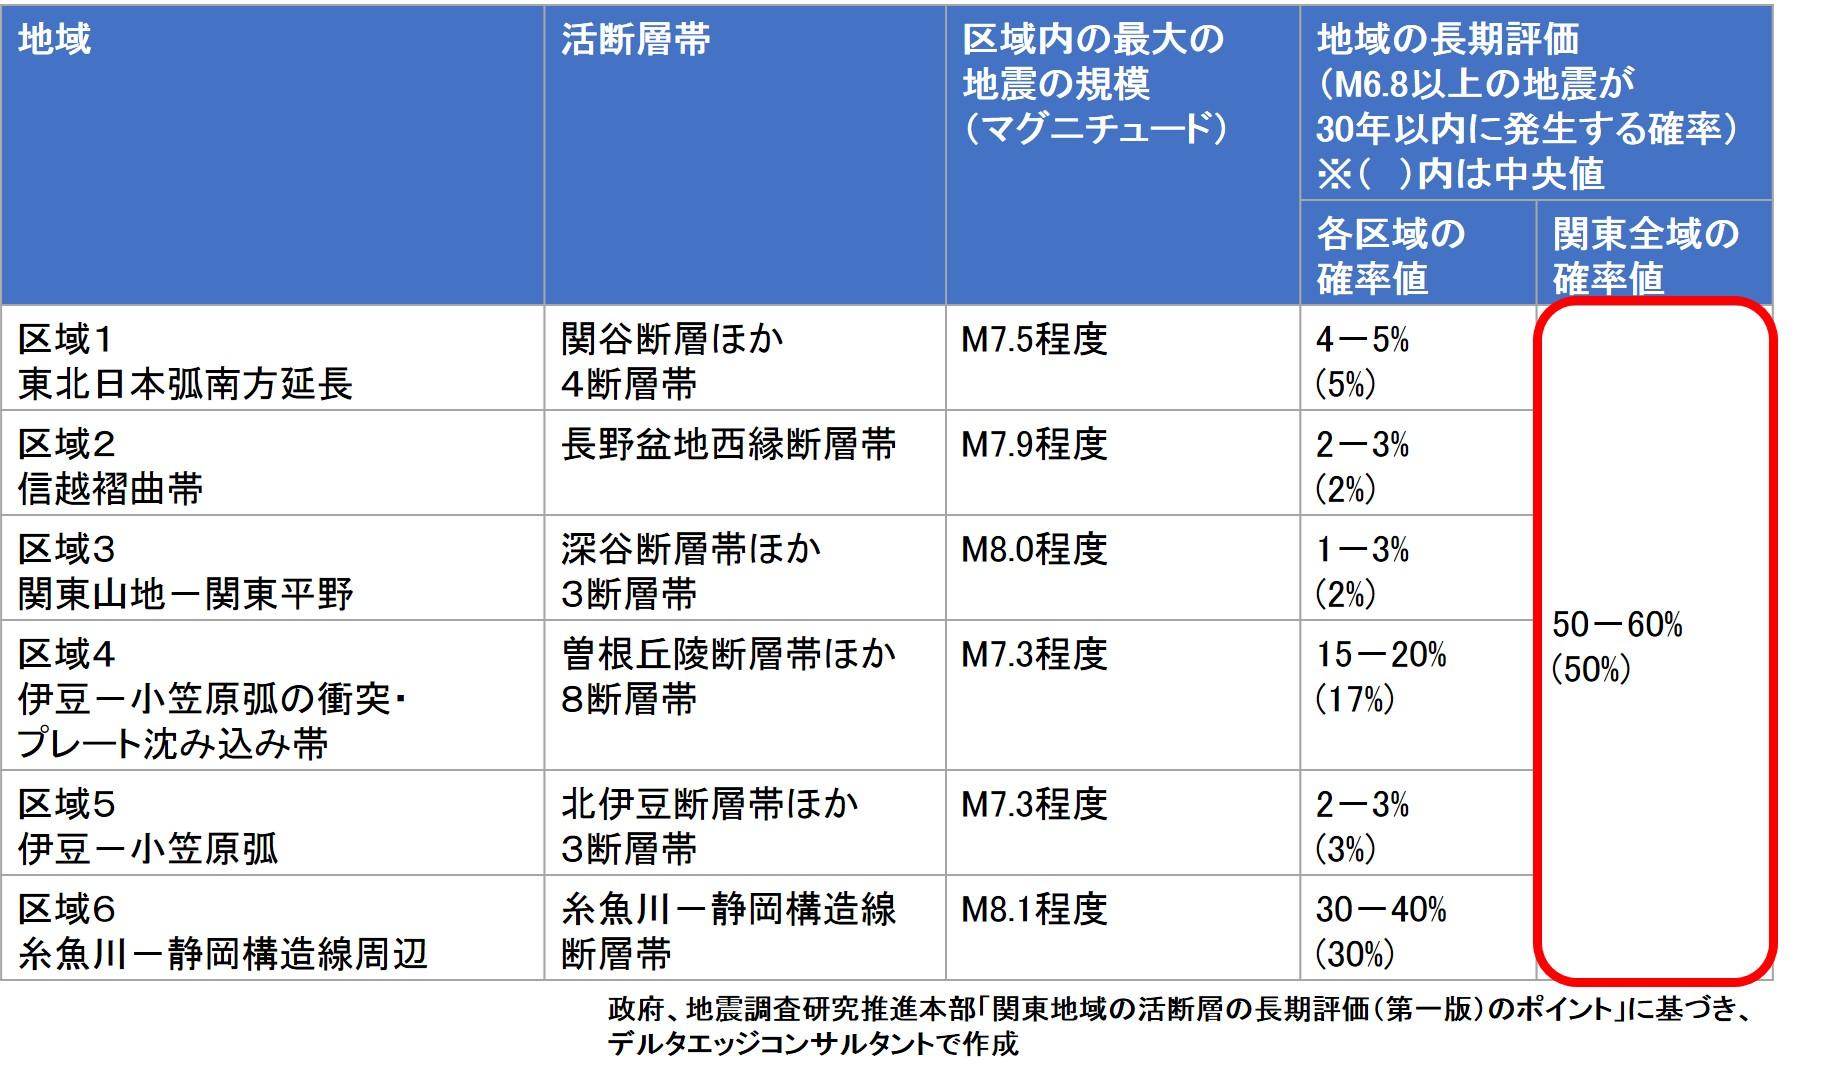 関東地域の活断層の長期評価